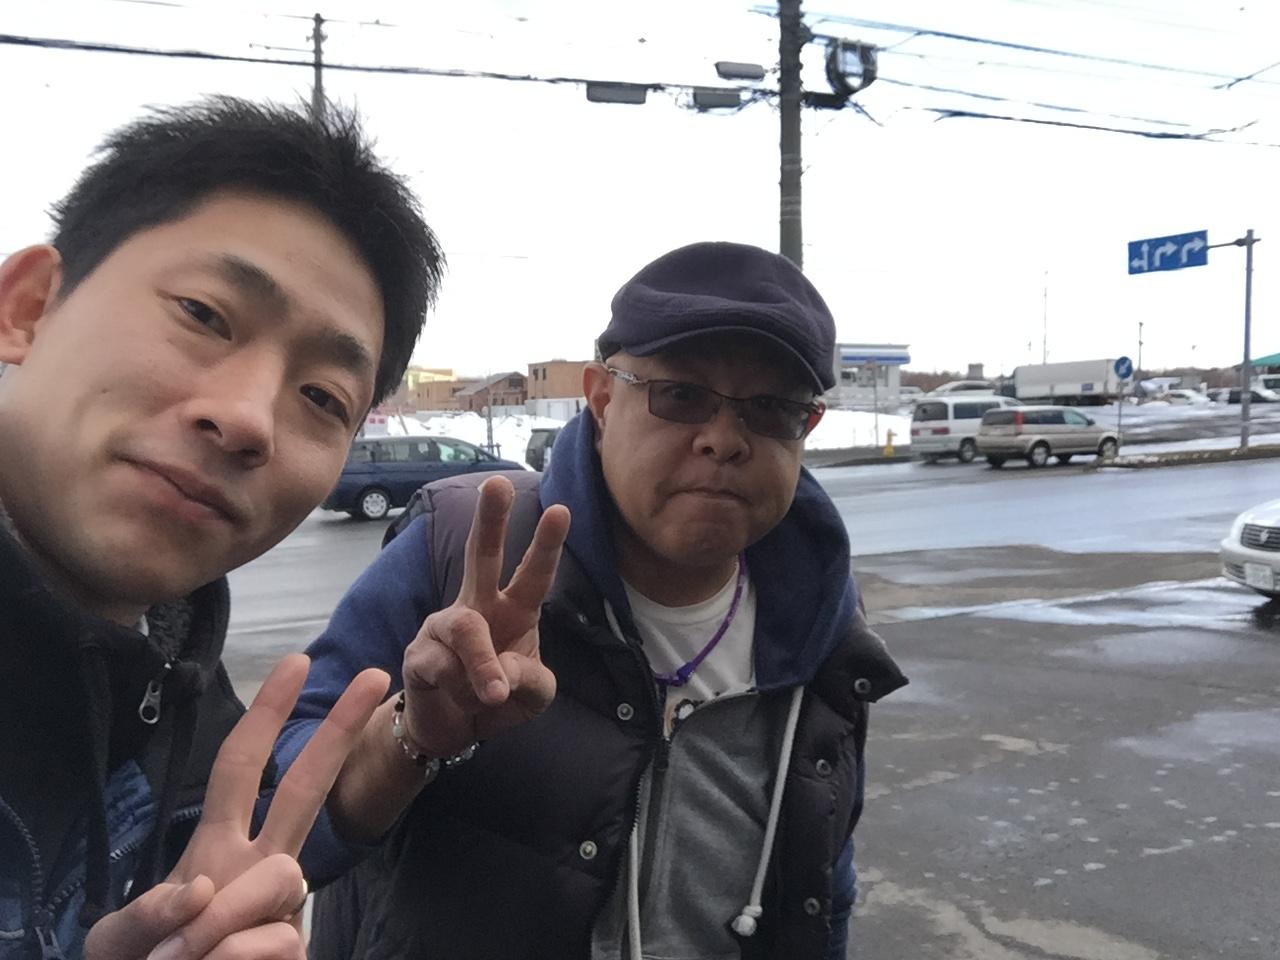 3月21日(月)トミーアウトレット☆グッチーブログ☆K様レガシィGTご成約!3連休最終日!!!_b0127002_17515926.jpg